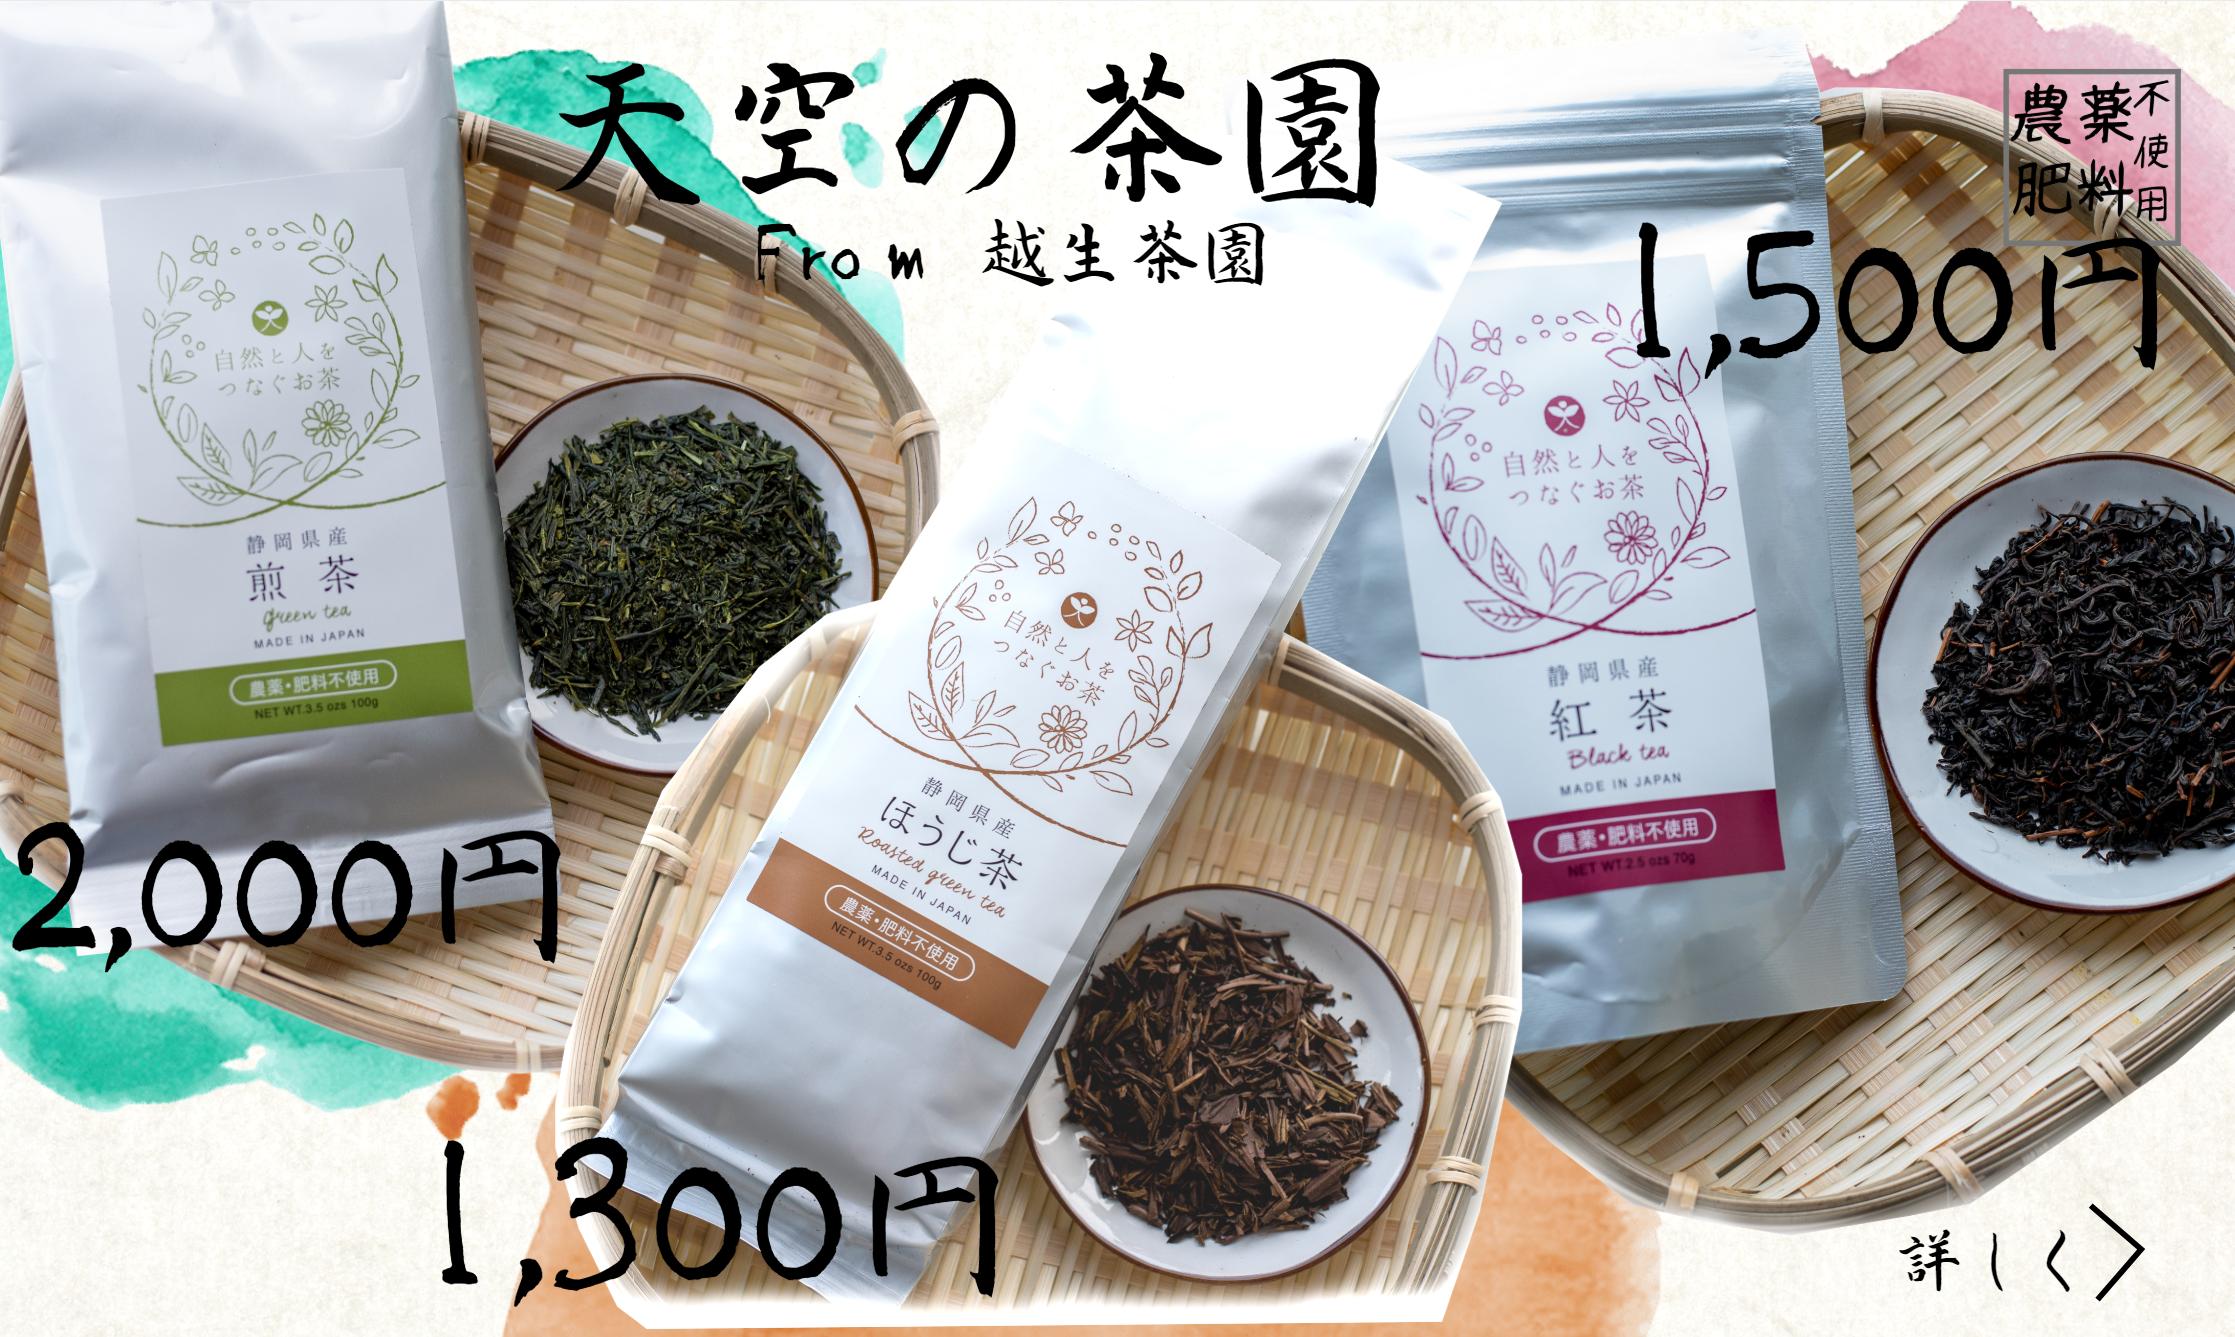 静岡県産のお茶と茶葉